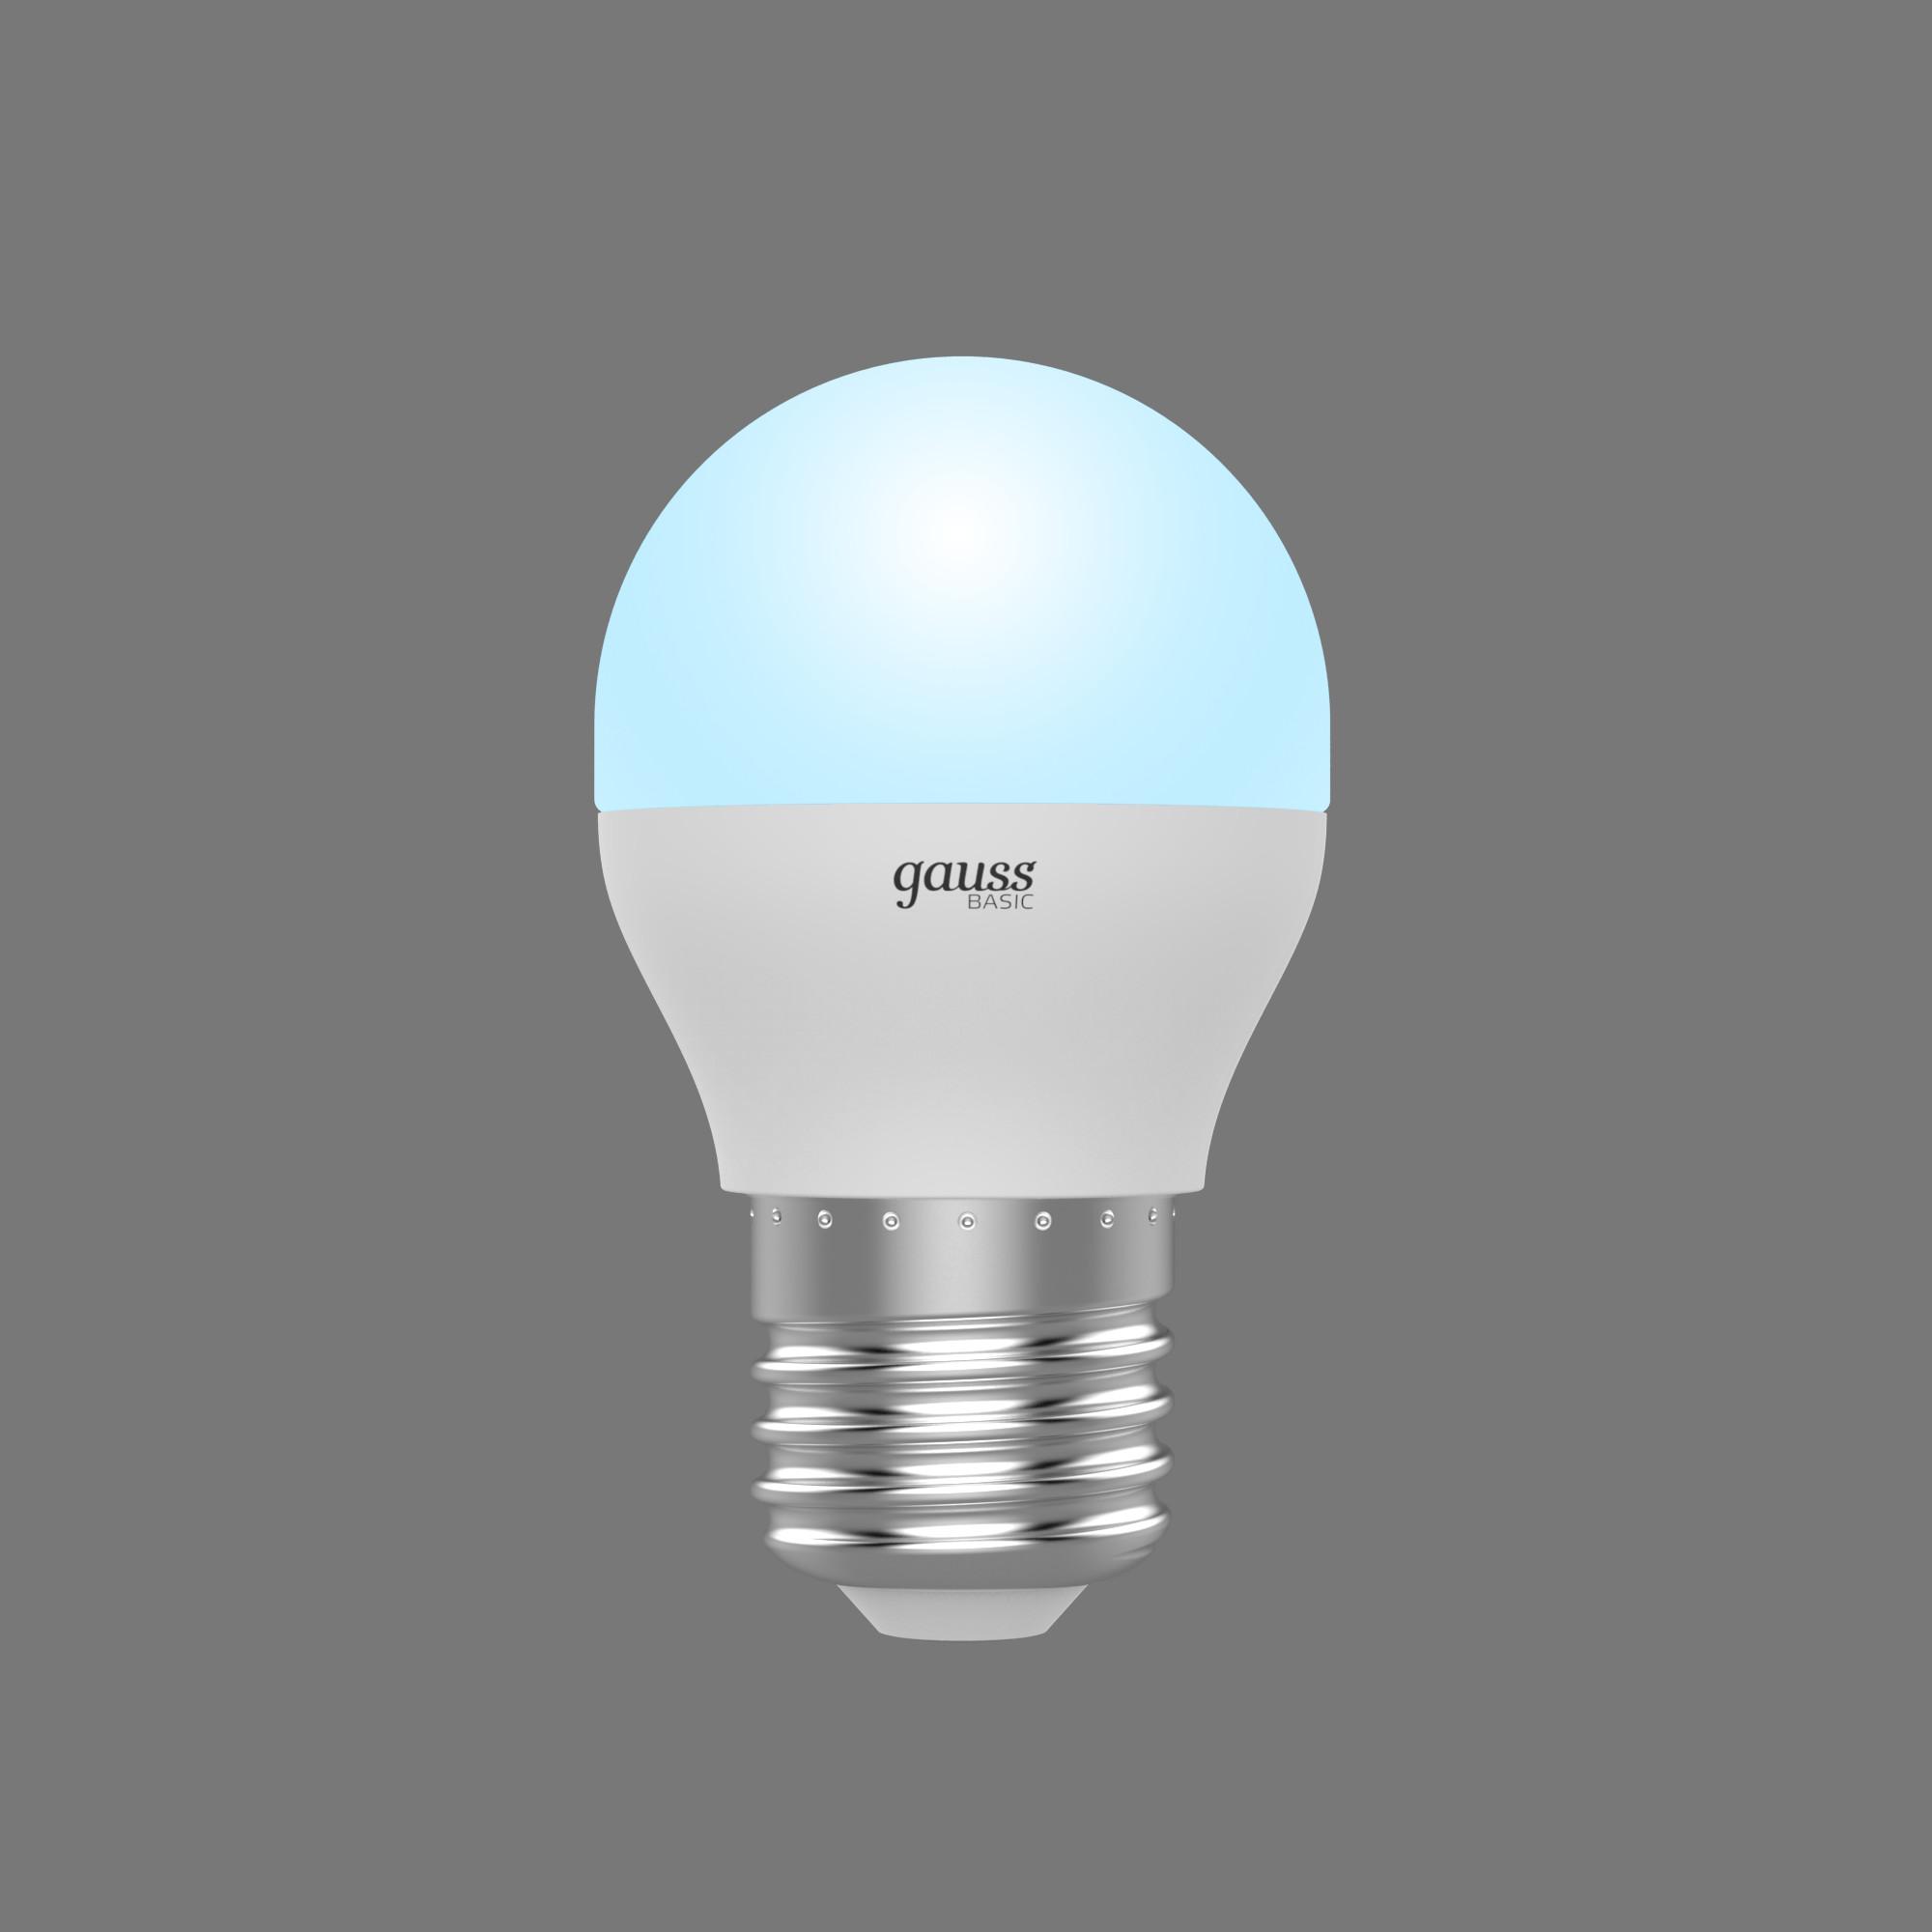 Лампа светодиодная Gauss Basic E27 220 В 7.5 Вт шар 690 лм белый свет